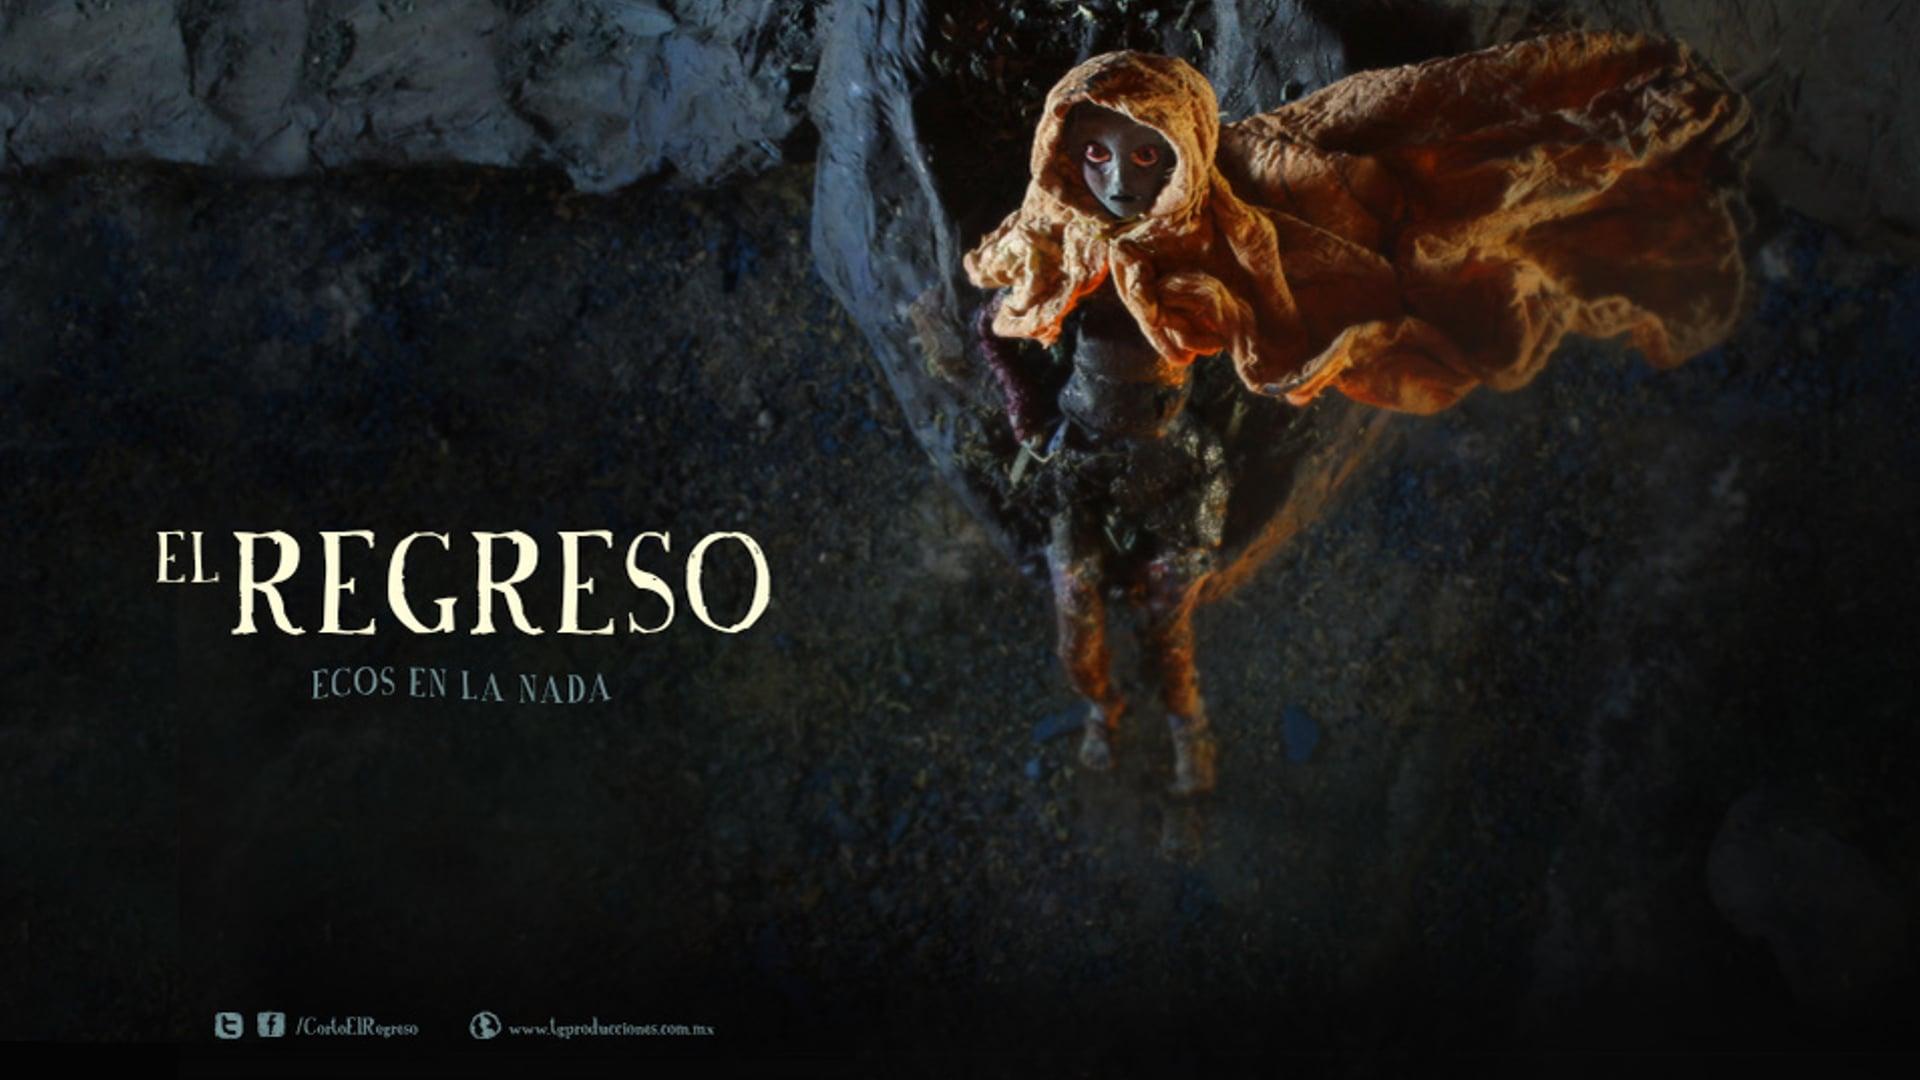 El Regreso (The Homecoming) - 2014